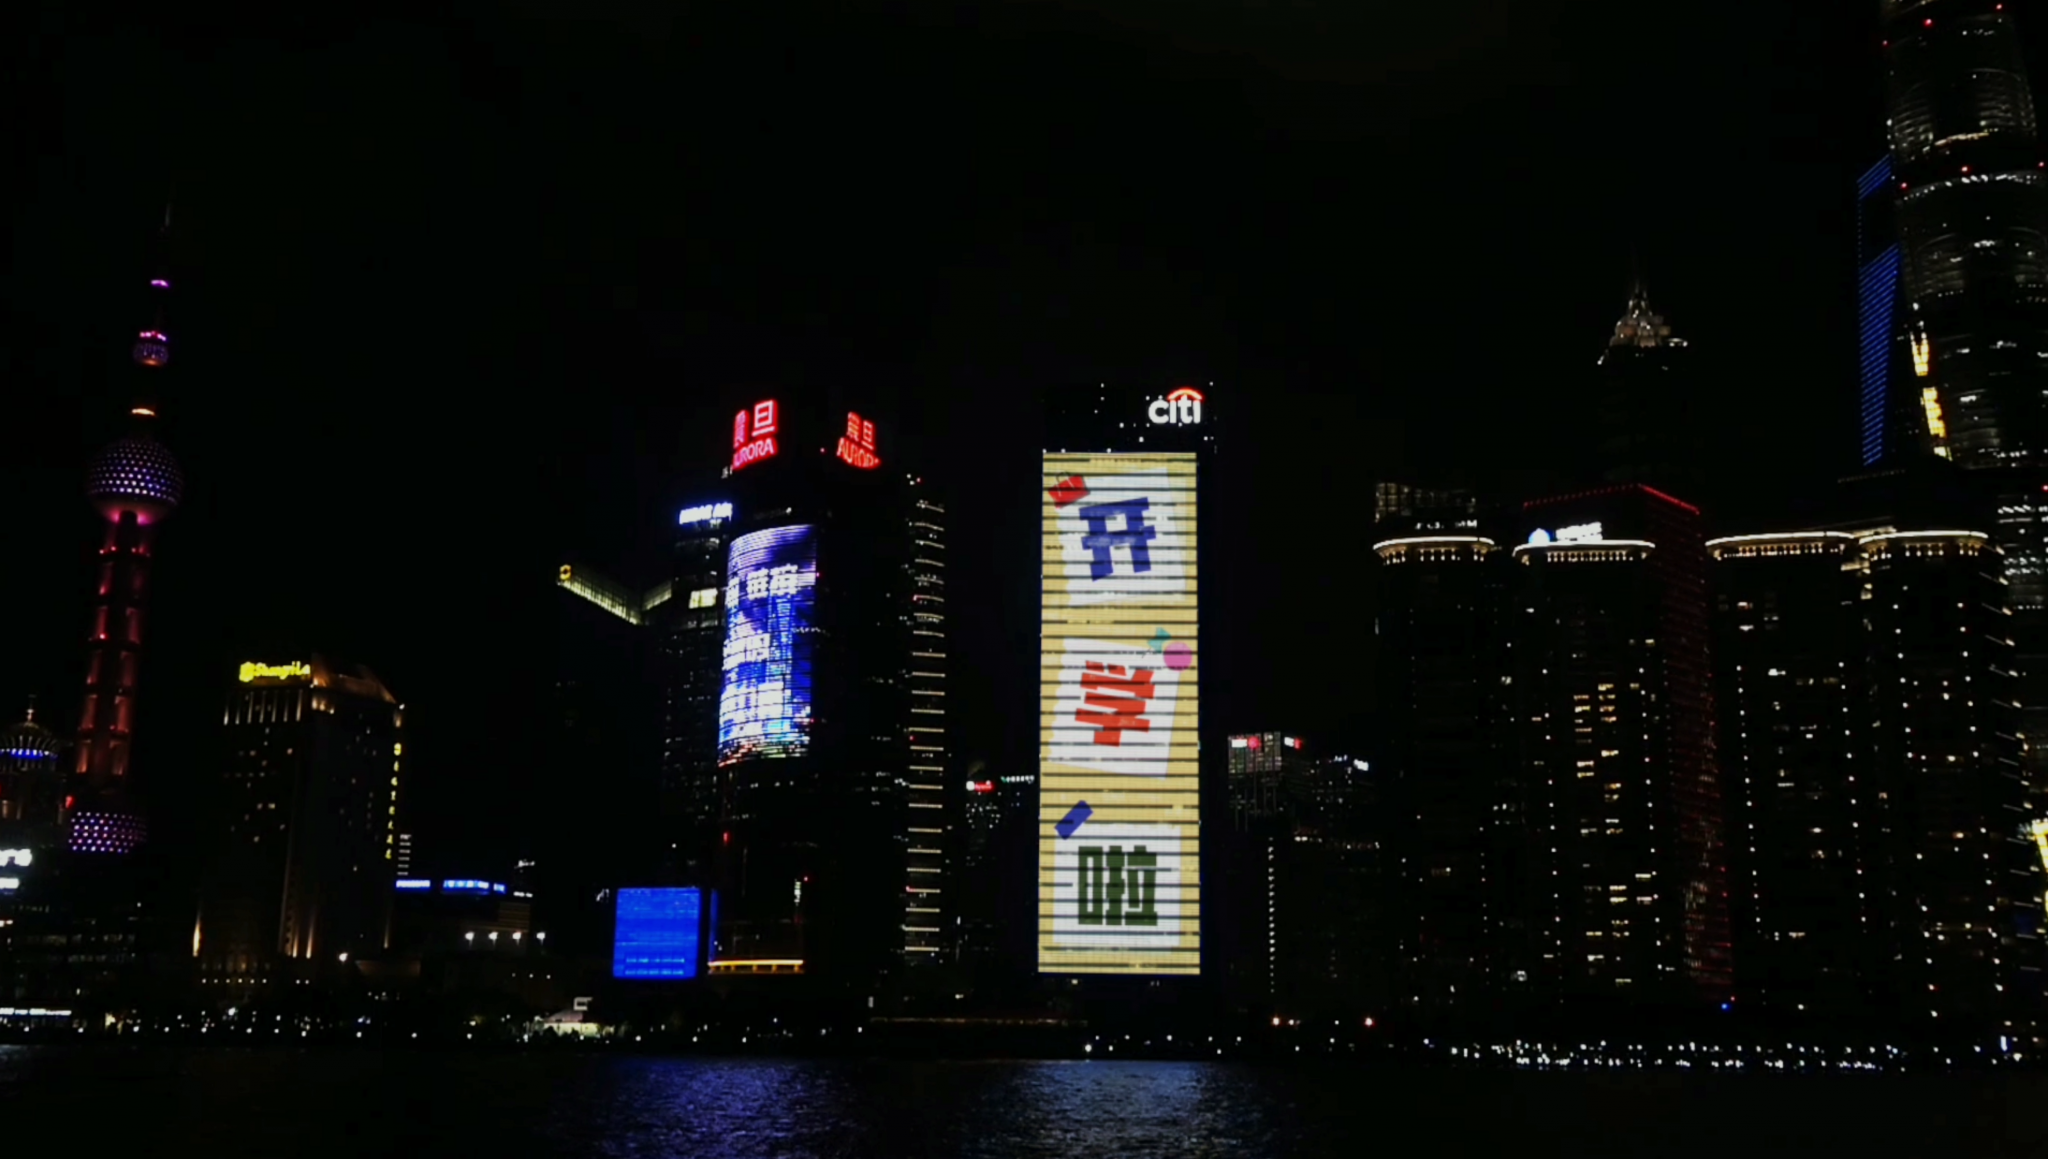 开学啦 上海+成都剪辑-15s-ysl-[00_00_11][20210915-115551]